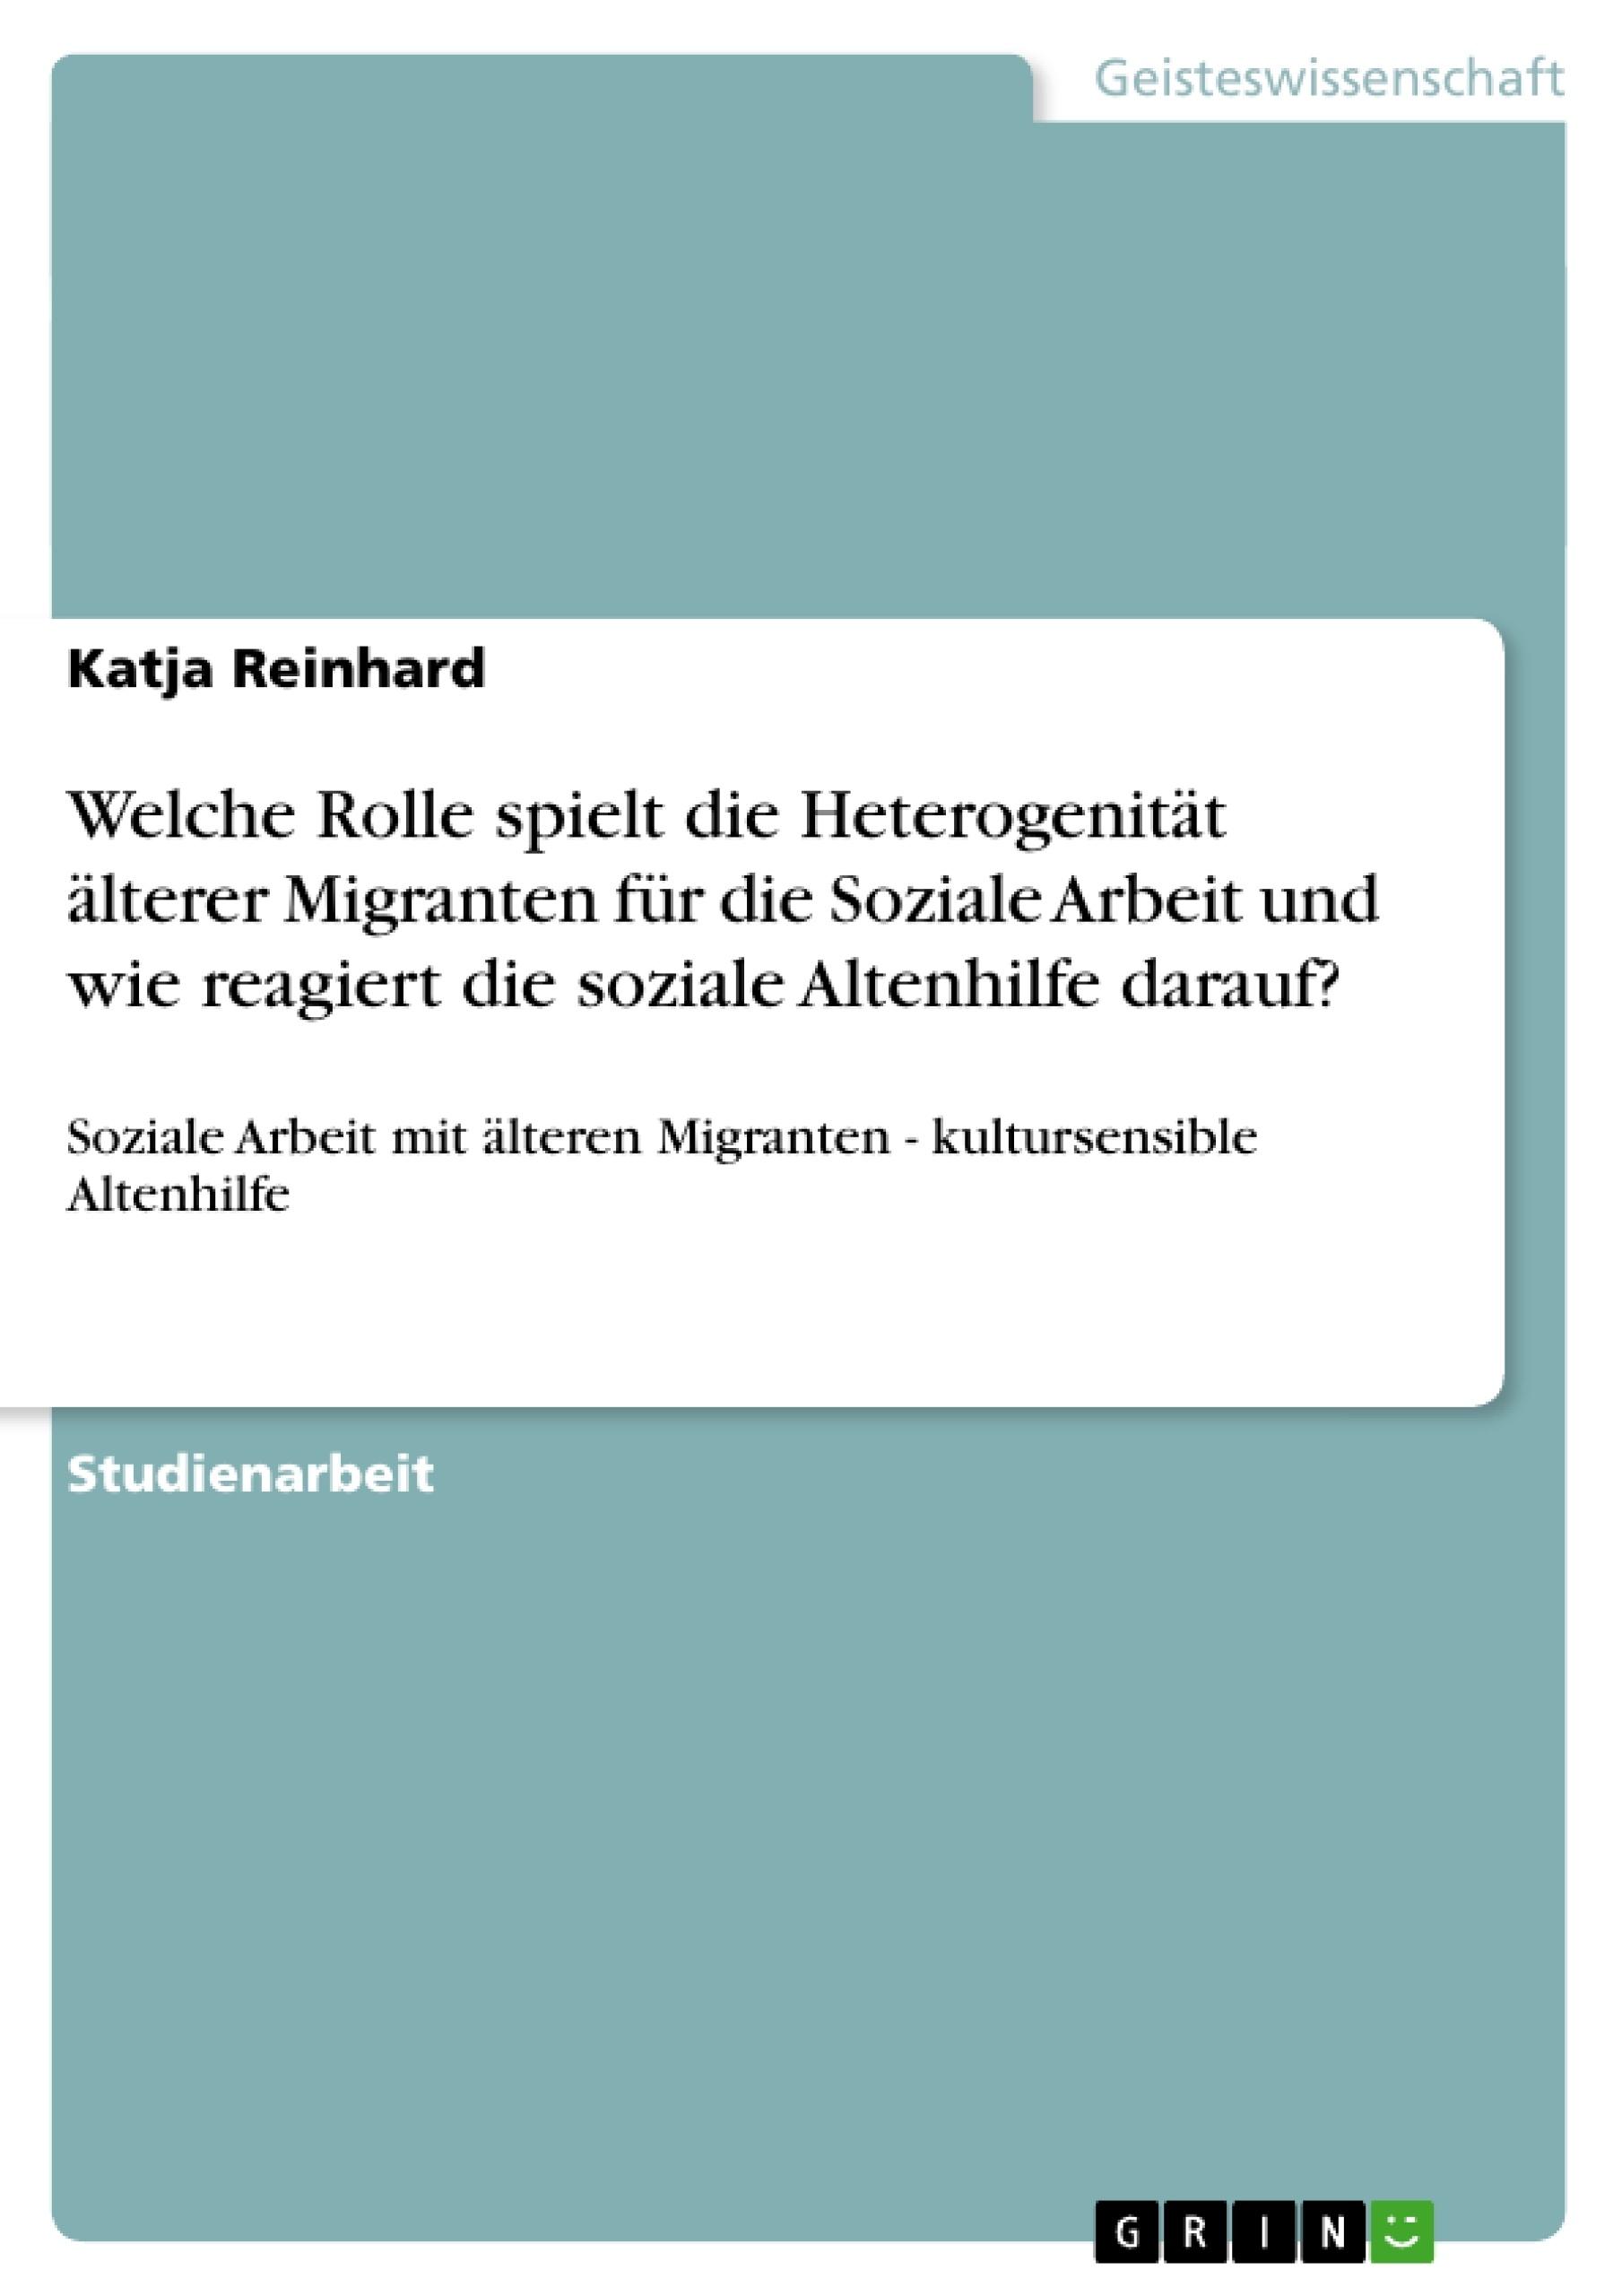 Titel: Welche Rolle spielt die Heterogenität älterer Migranten für die Soziale Arbeit und wie reagiert die soziale Altenhilfe darauf?